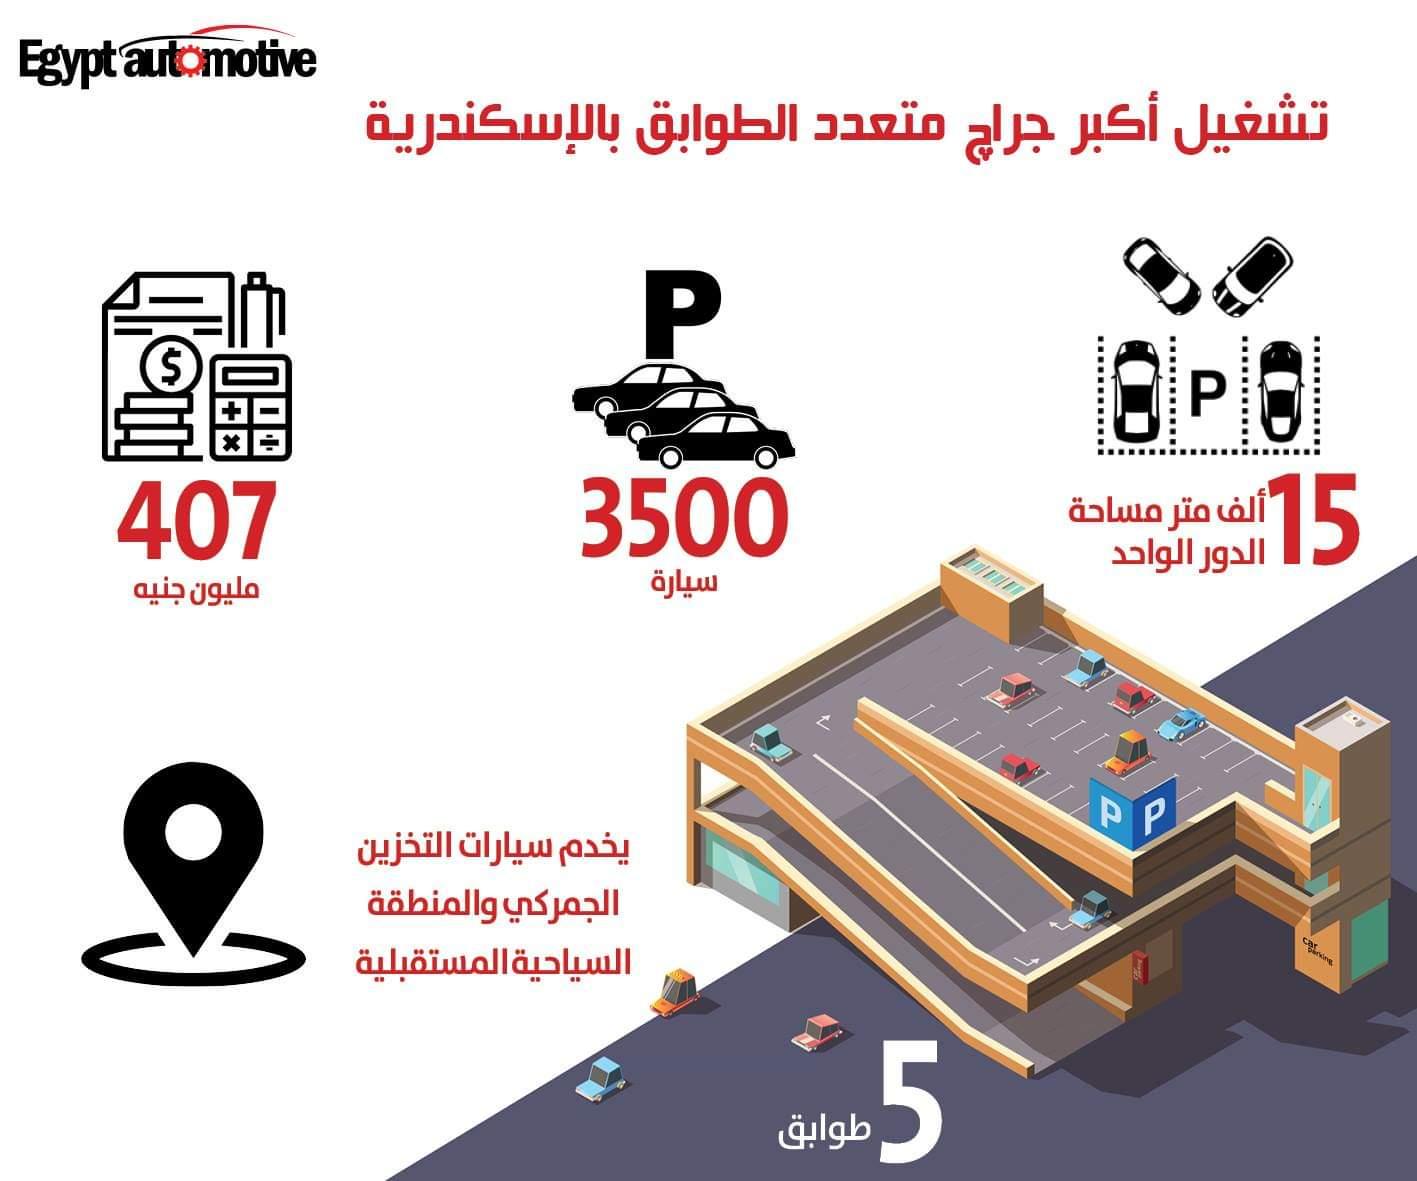 بدء التشغيل التجريبى لـ جراج إسكندرية متعدد الطوابق بتكلفة 407 مليون جنيه